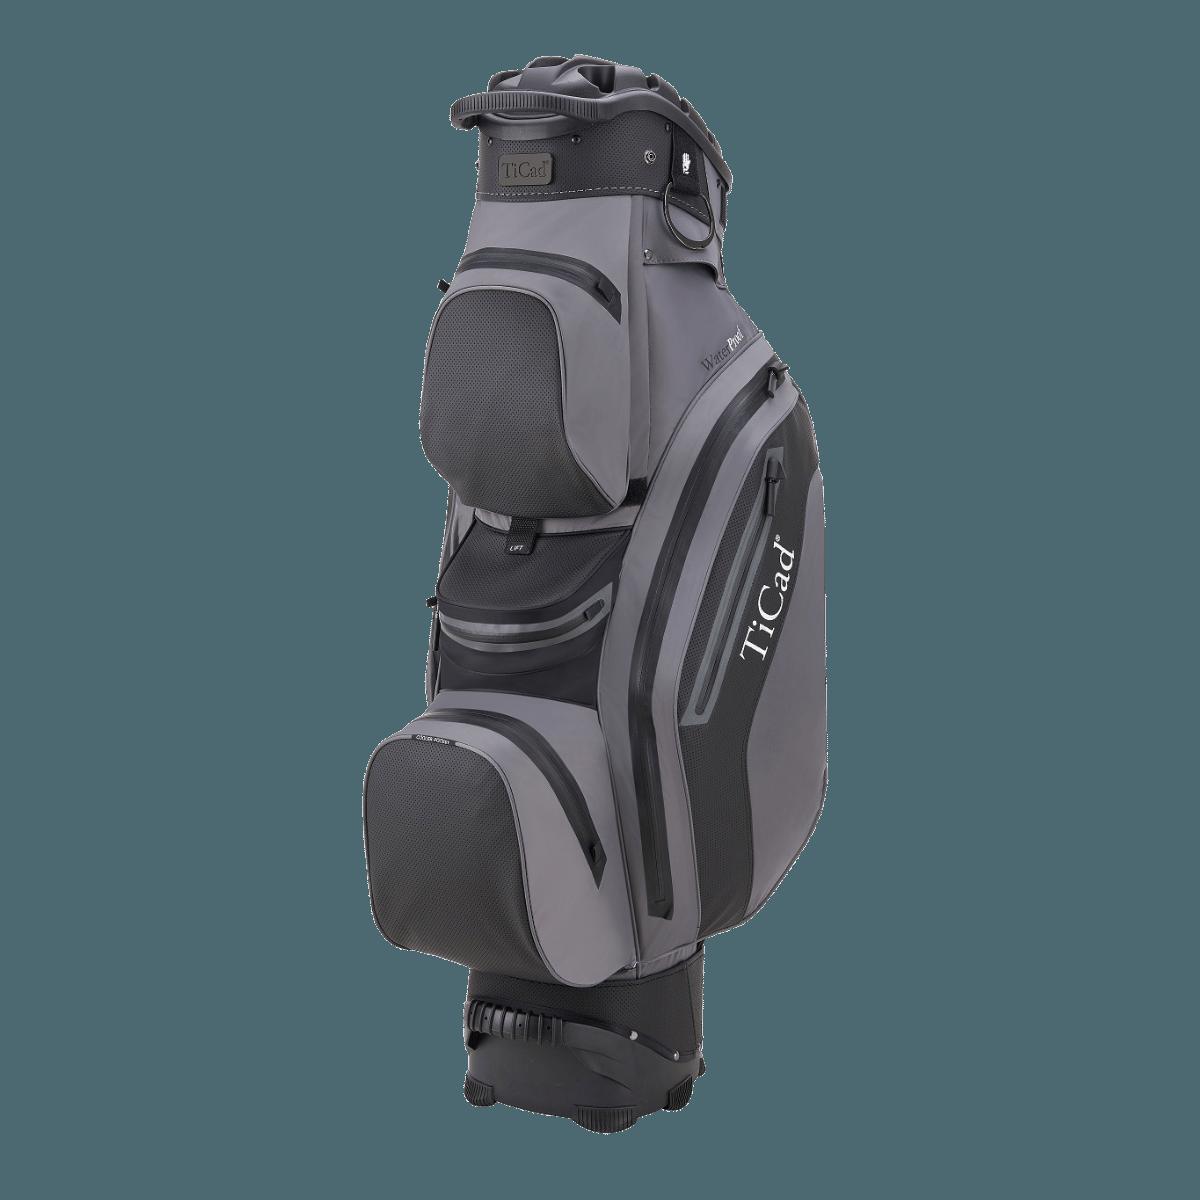 Cartbag QO14 Premium Waterproof